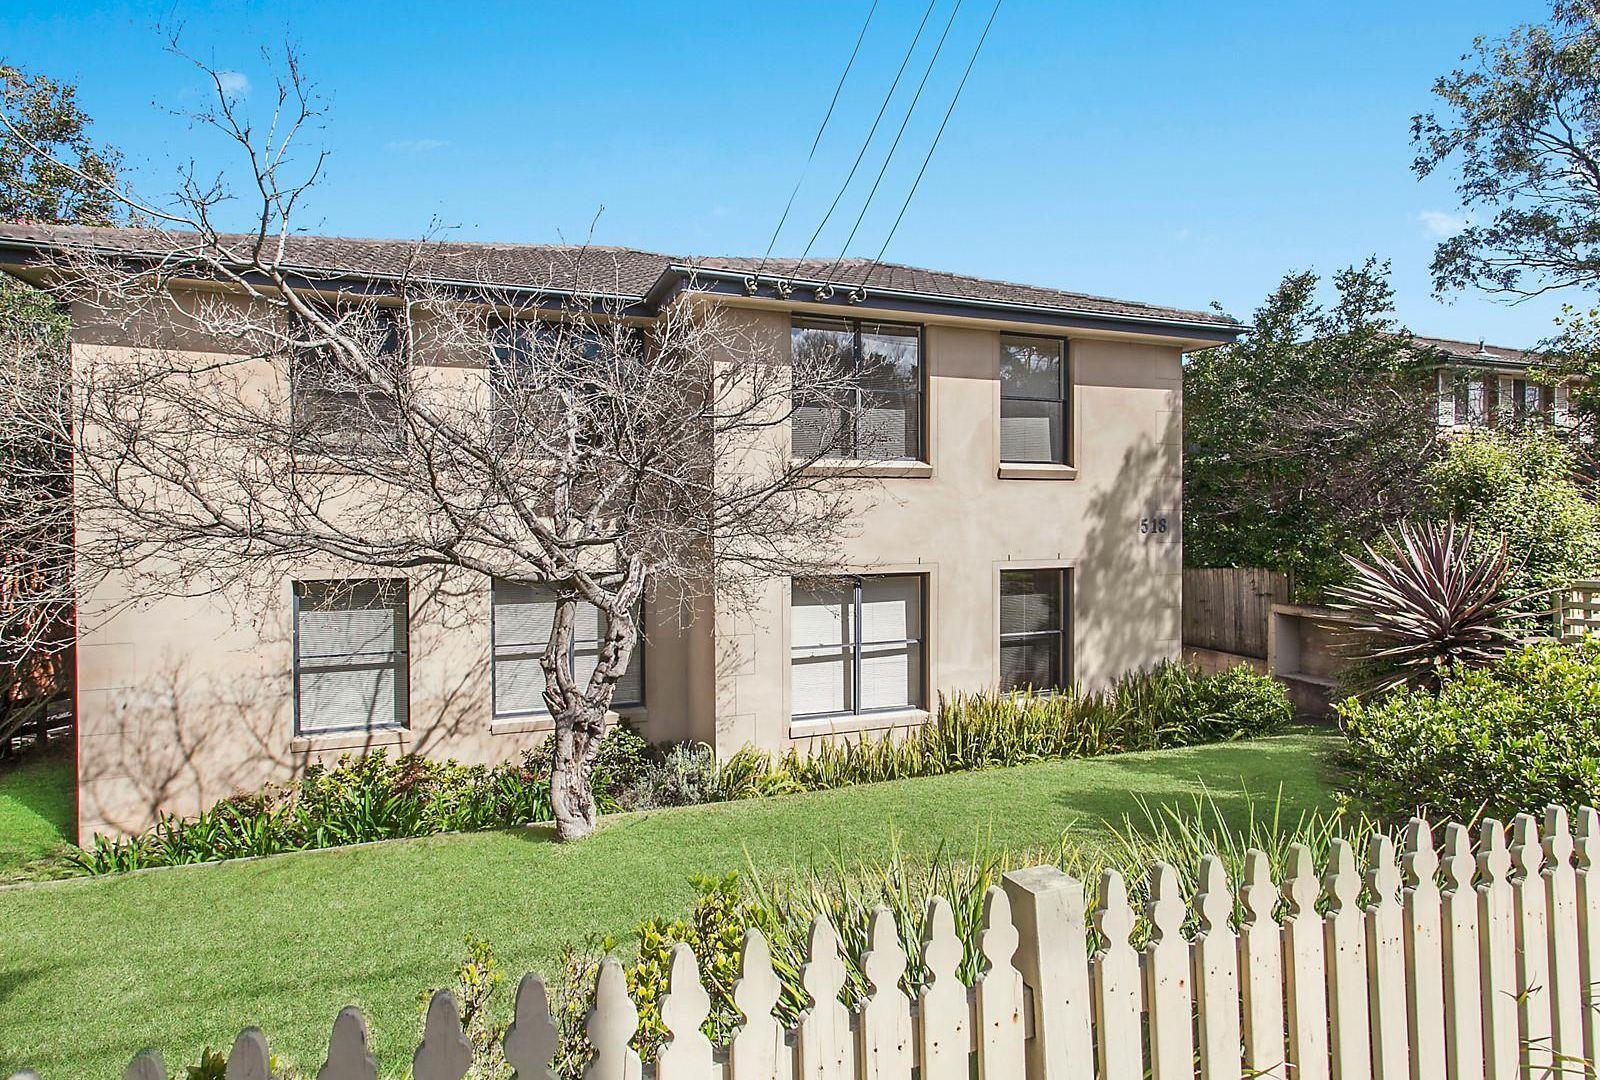 2/518 Mowbray Road, Lane Cove NSW 2066, Image 4